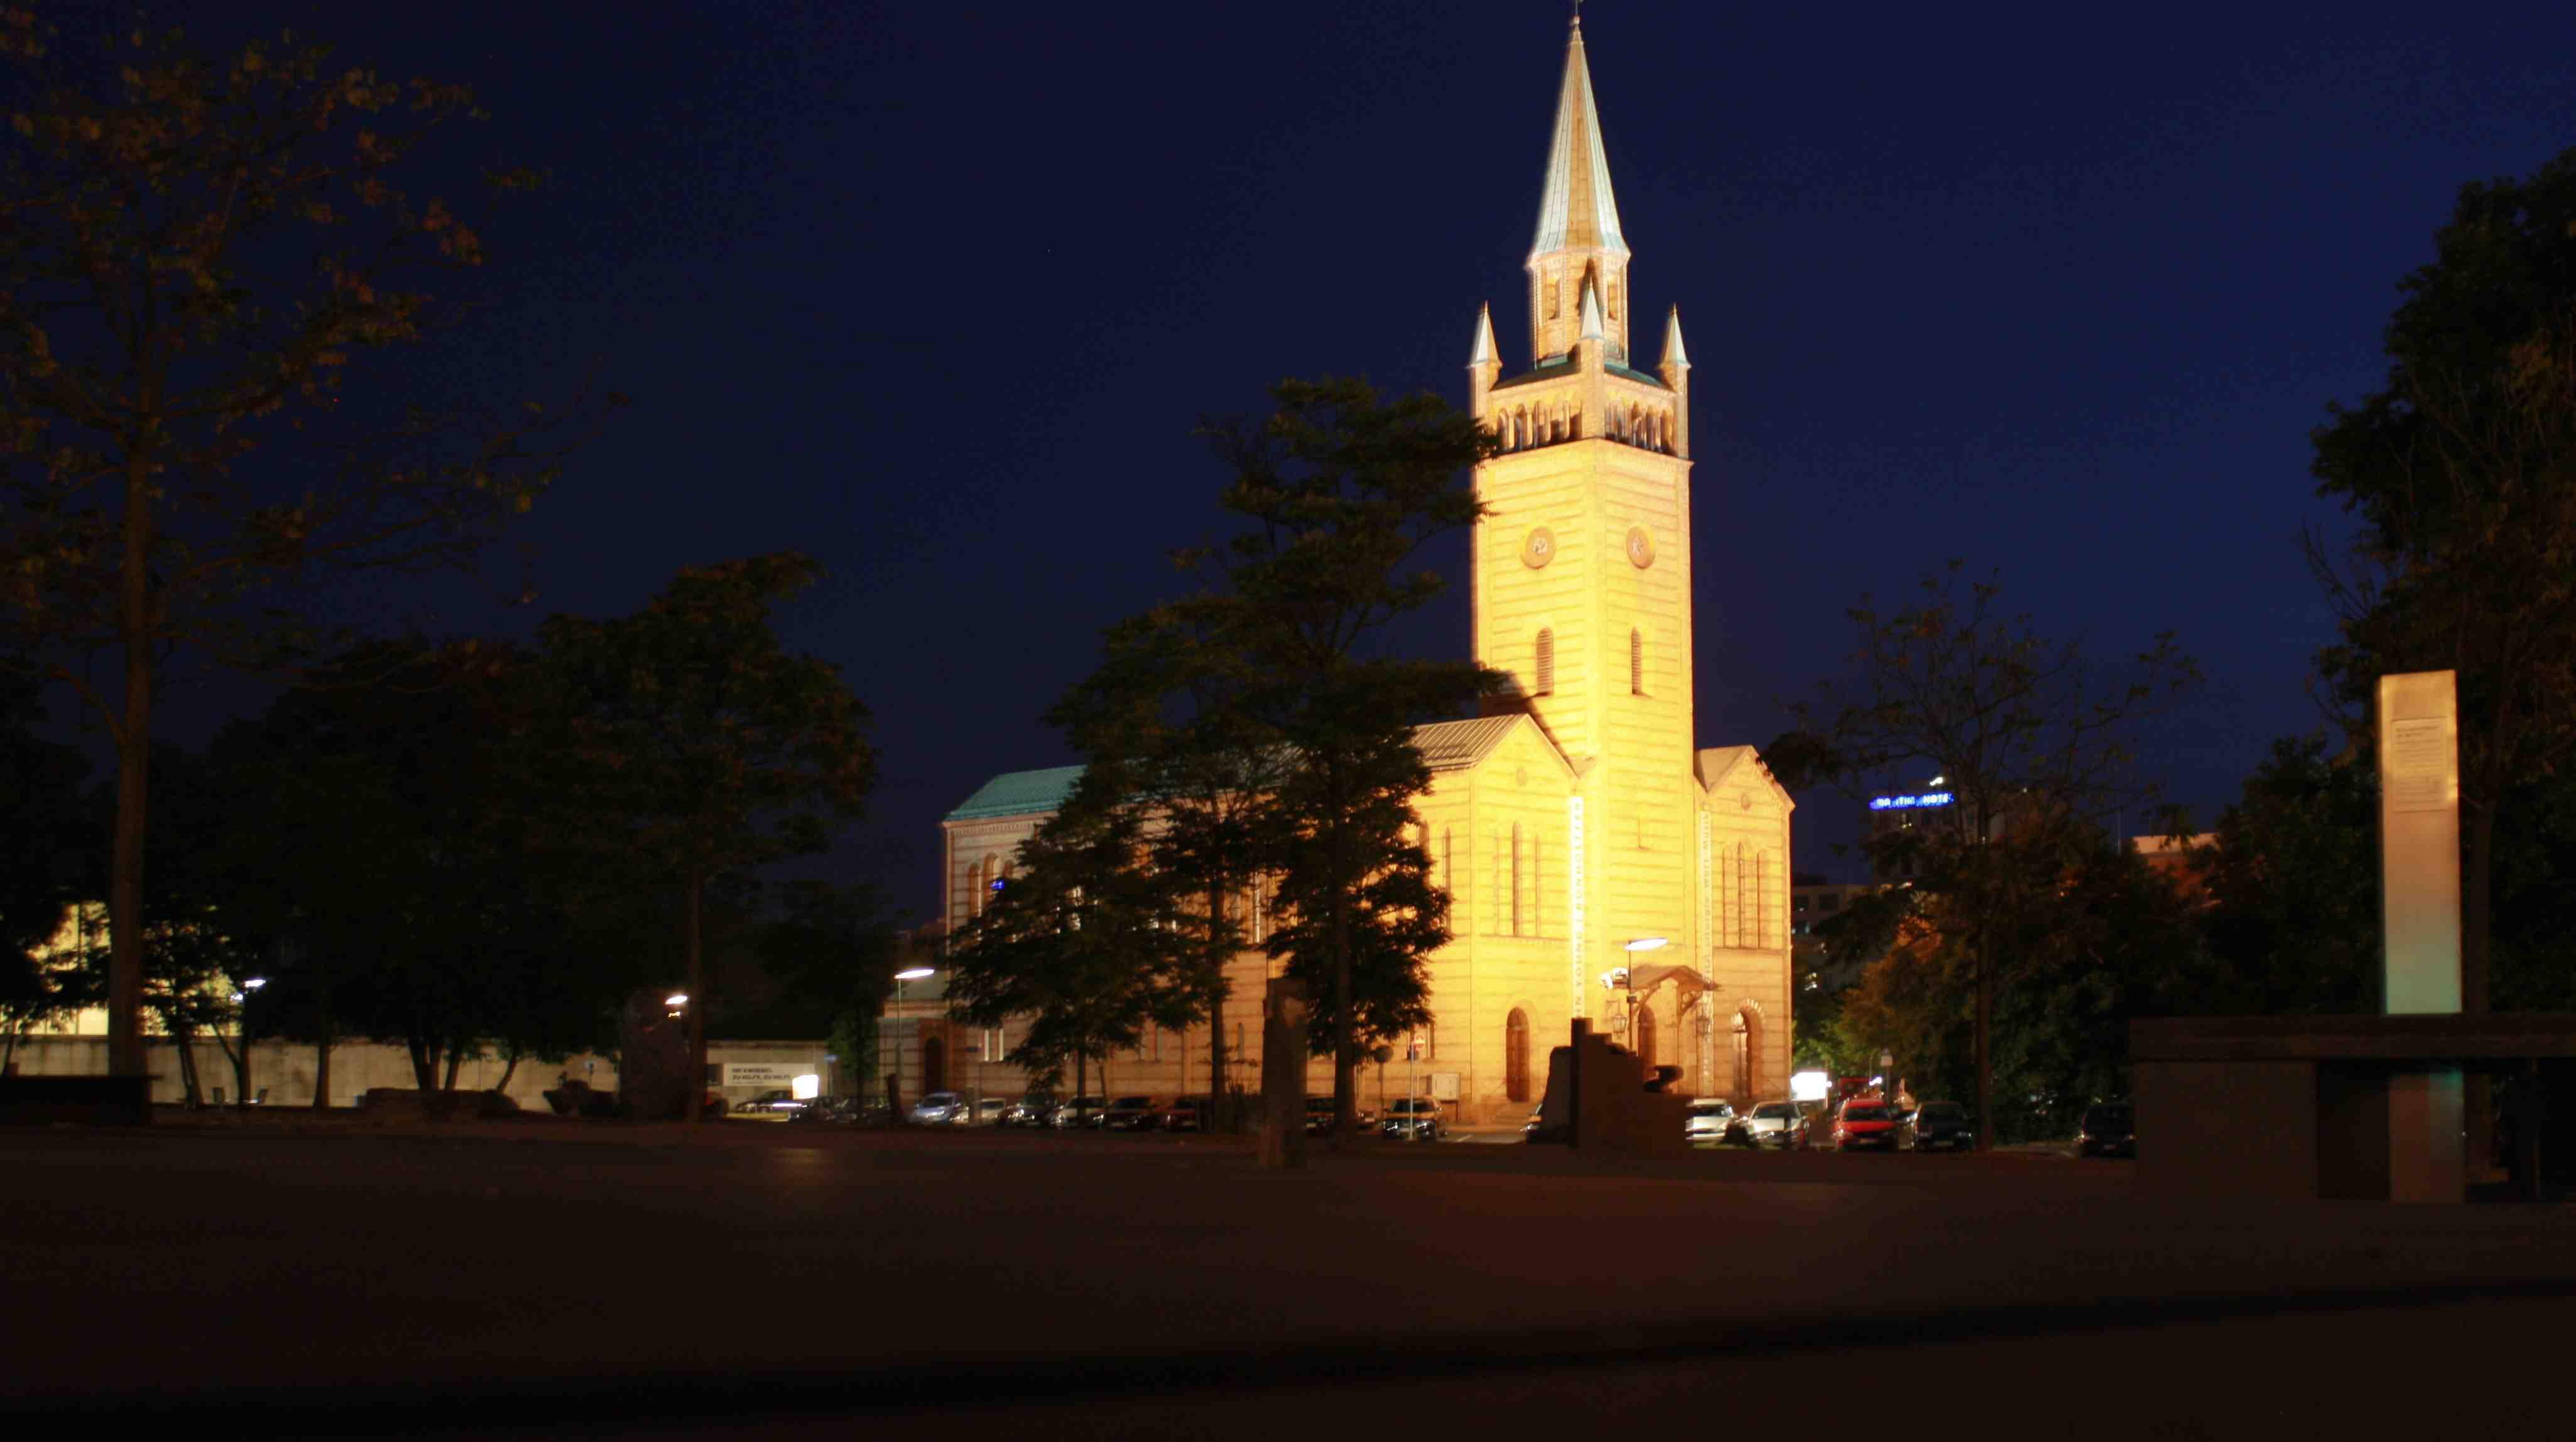 St-Matthaus-Kirche